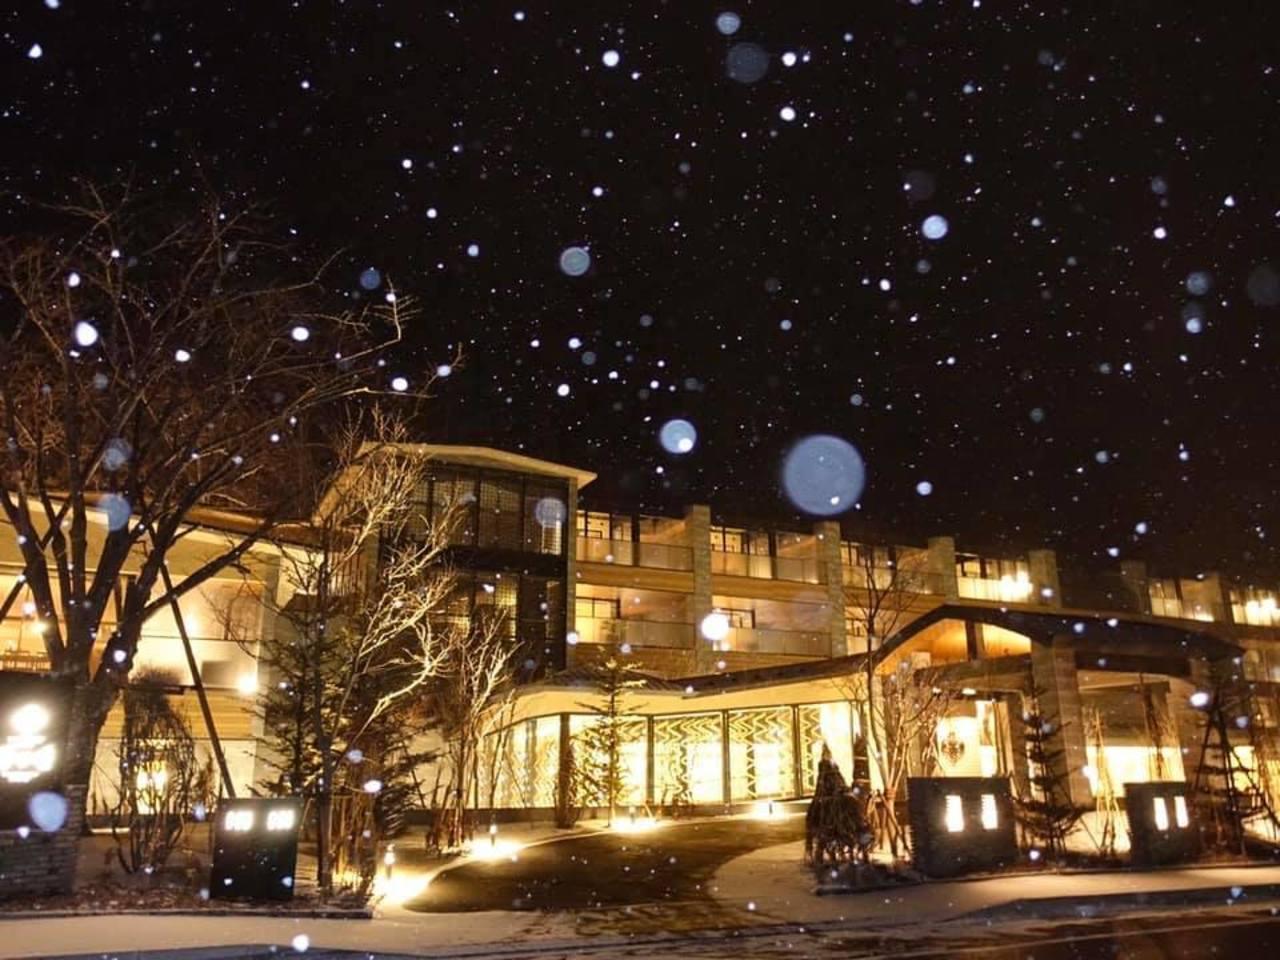 北海道千歳市の宿『しこつ湖鶴雅別荘 碧の座』